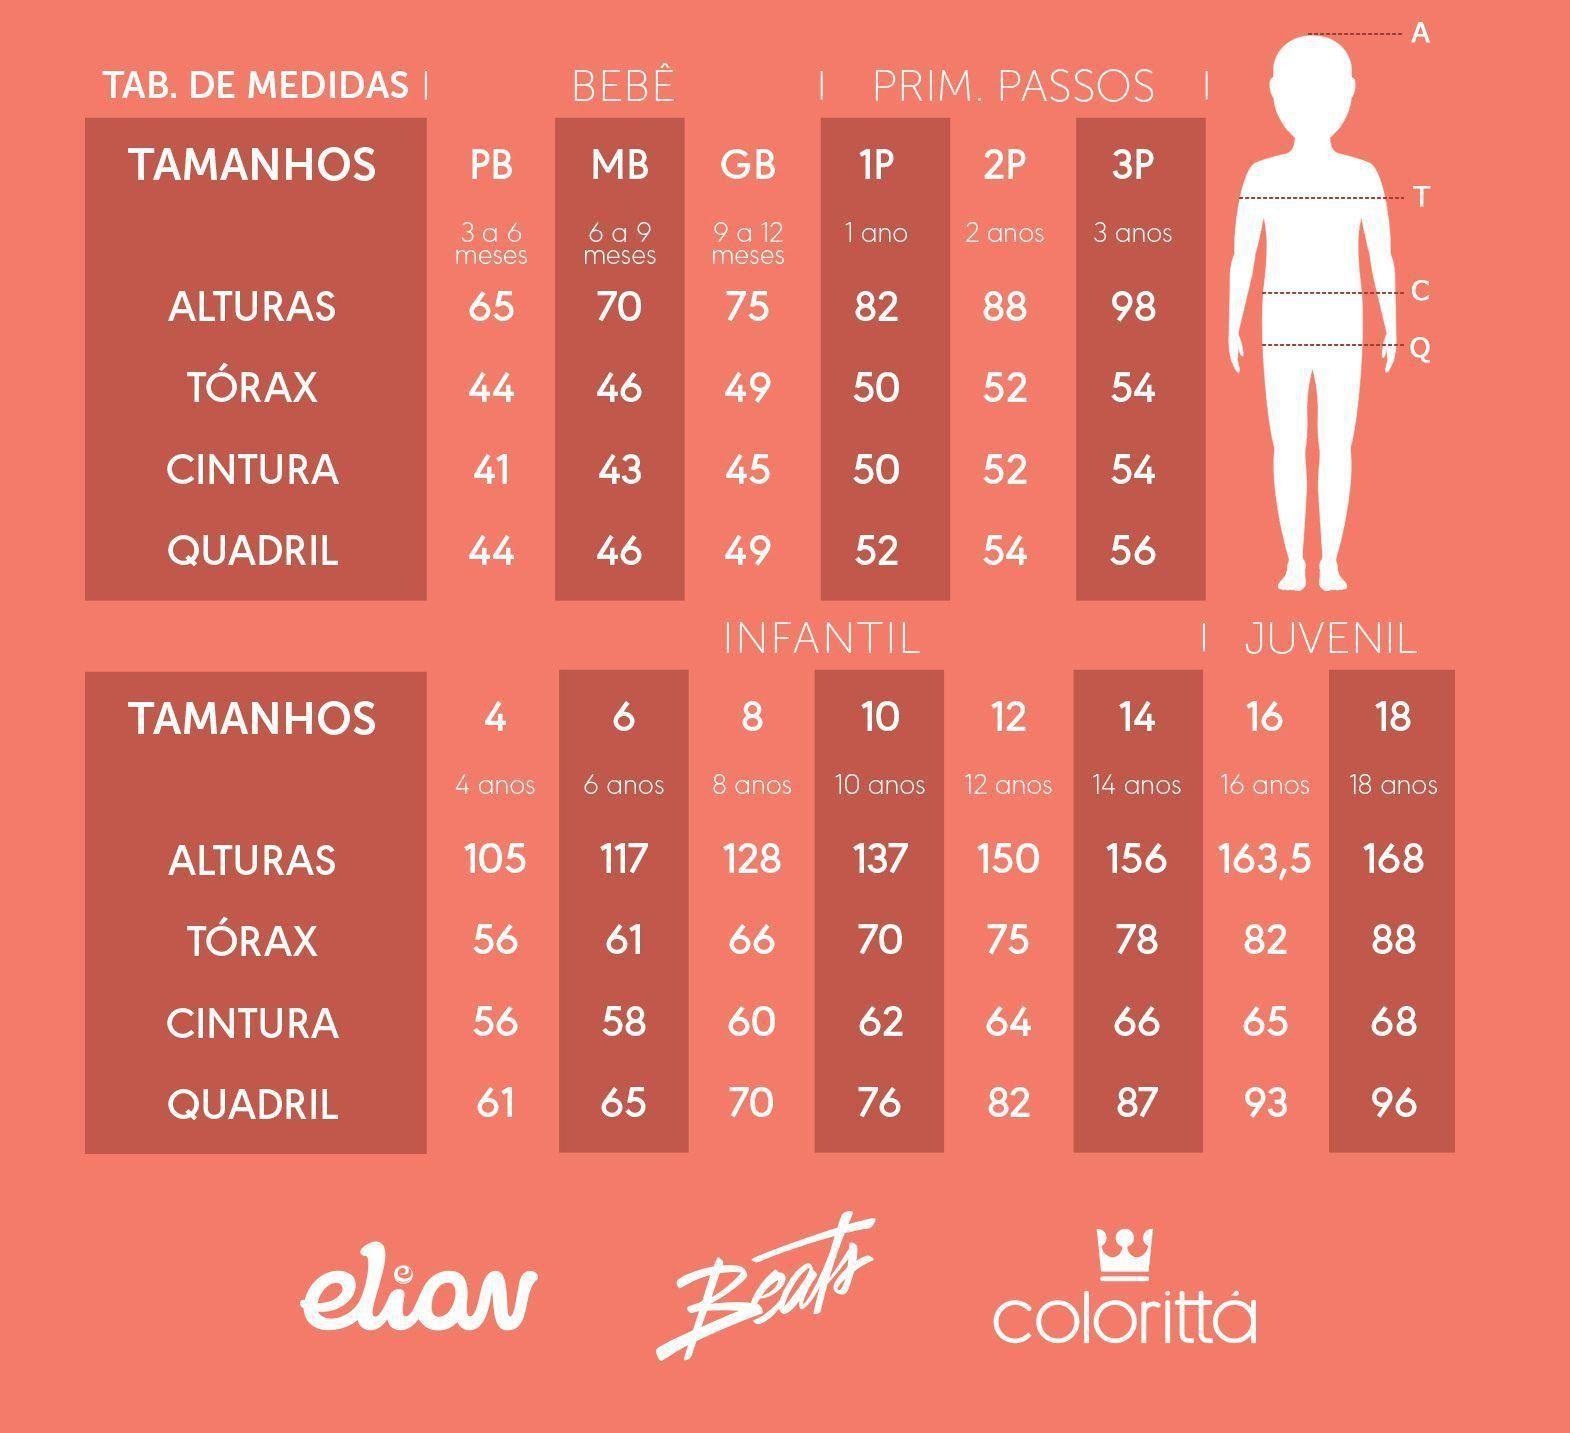 Jaqueta Infantil Feminina Preto You Can - Elian: Tabela de medidas